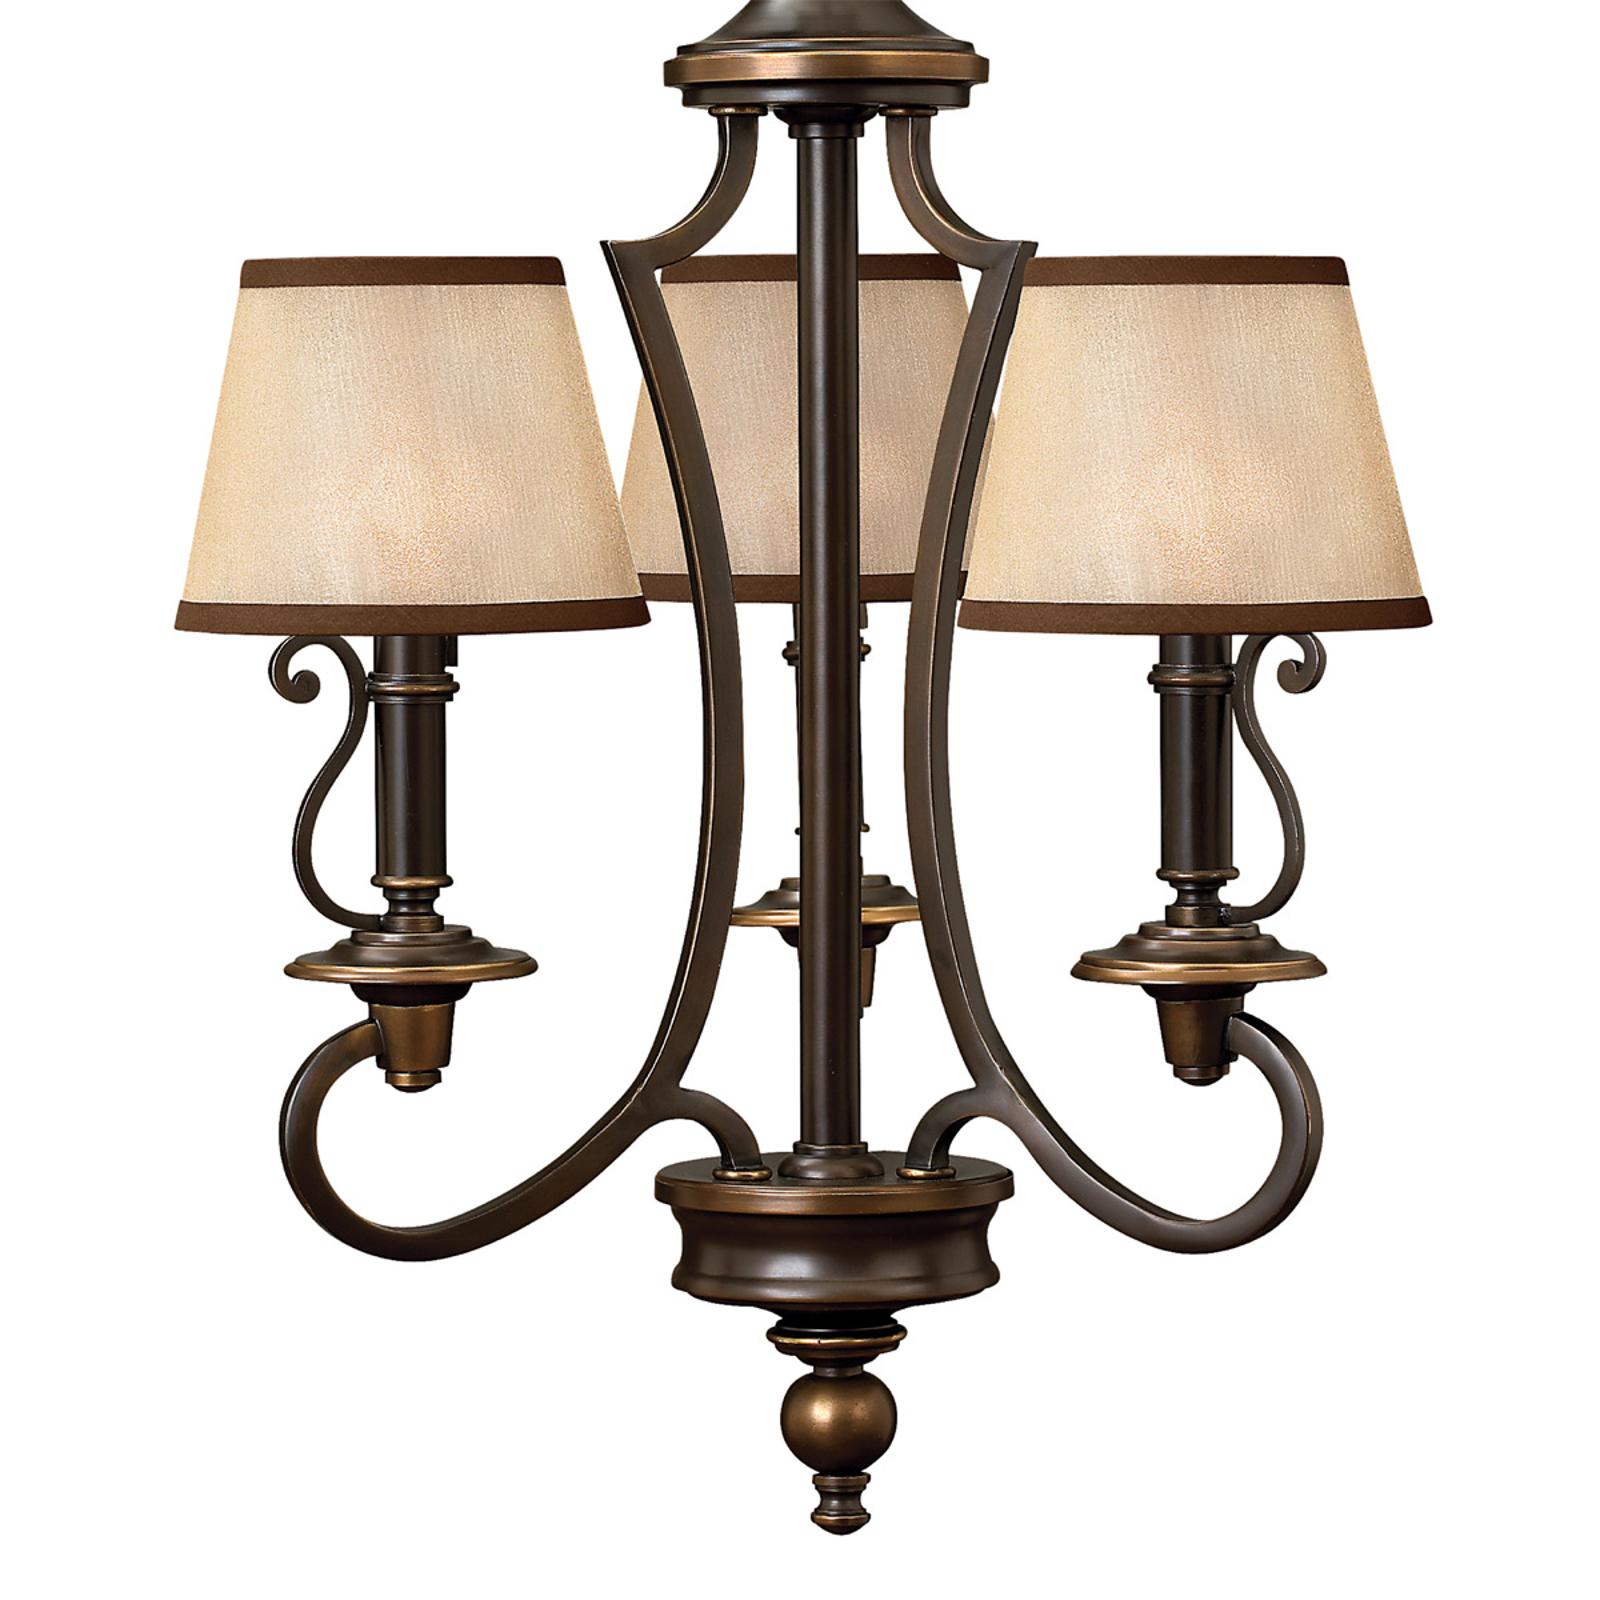 Hanglamp PLYMOUTH met kappen van Organza-stof